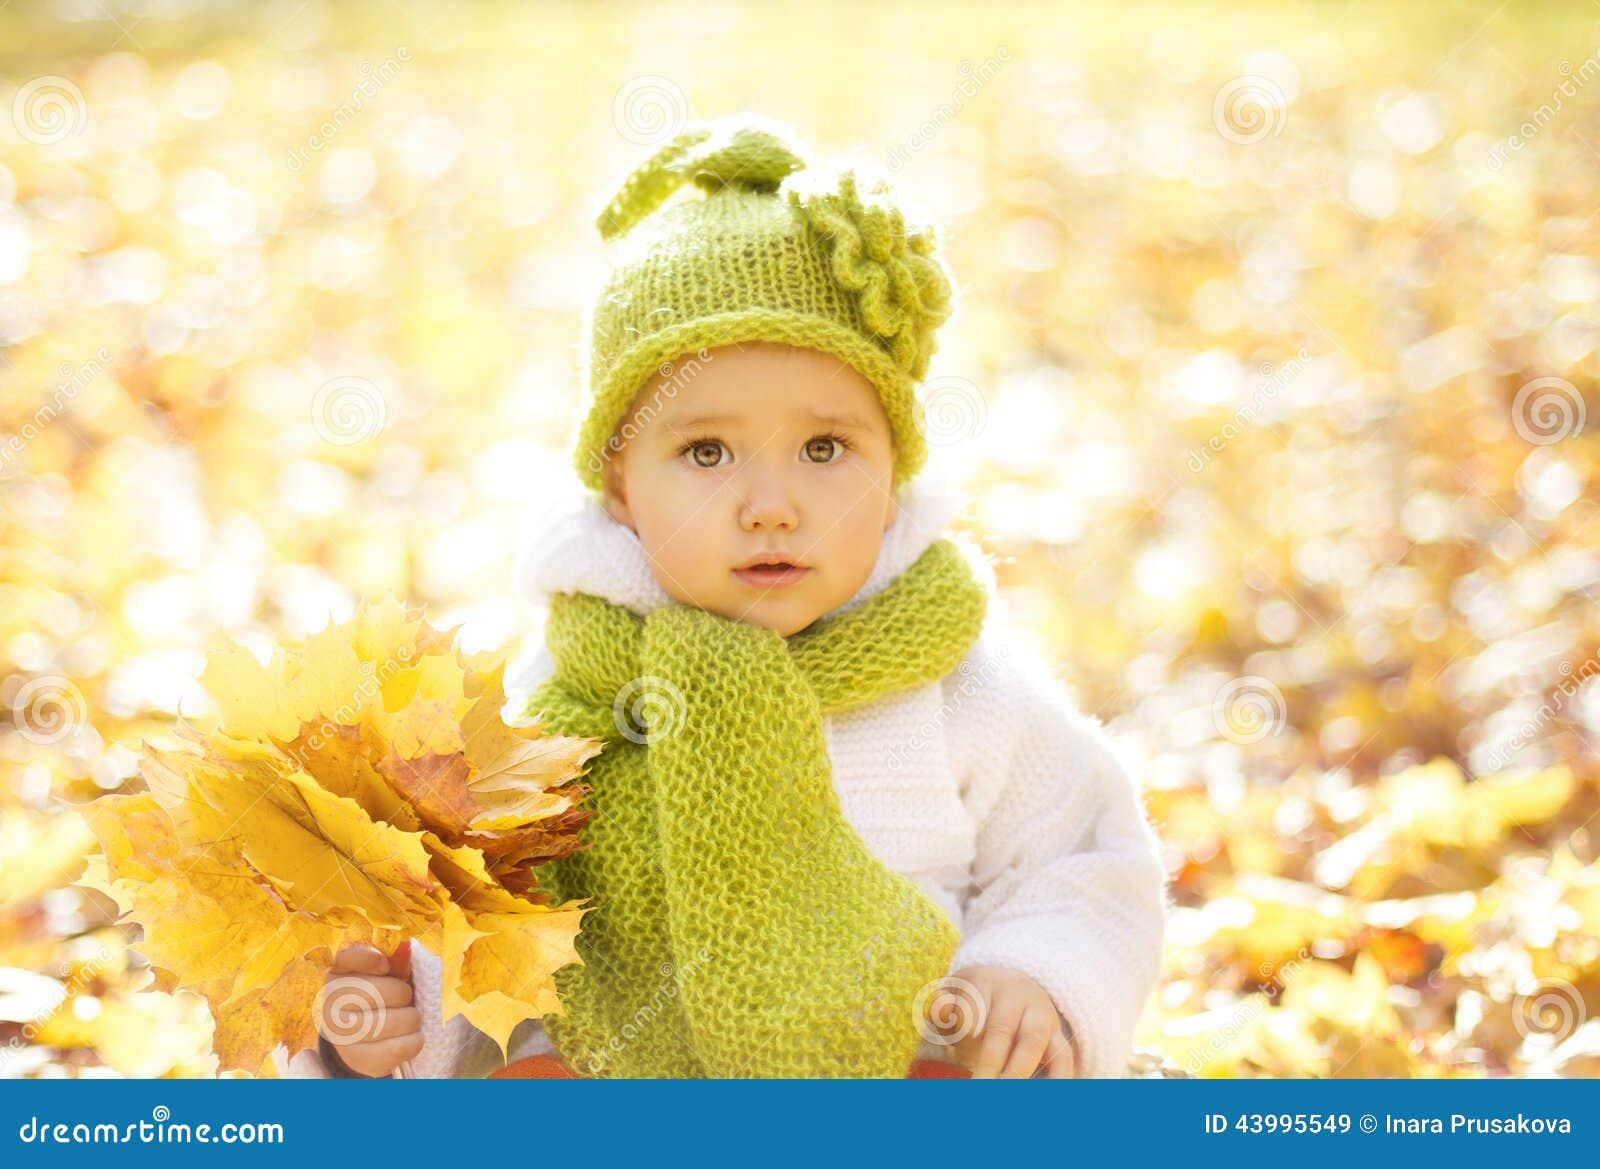 Folhas do amarelo de Autumn Baby Portrait In Fall, pouco